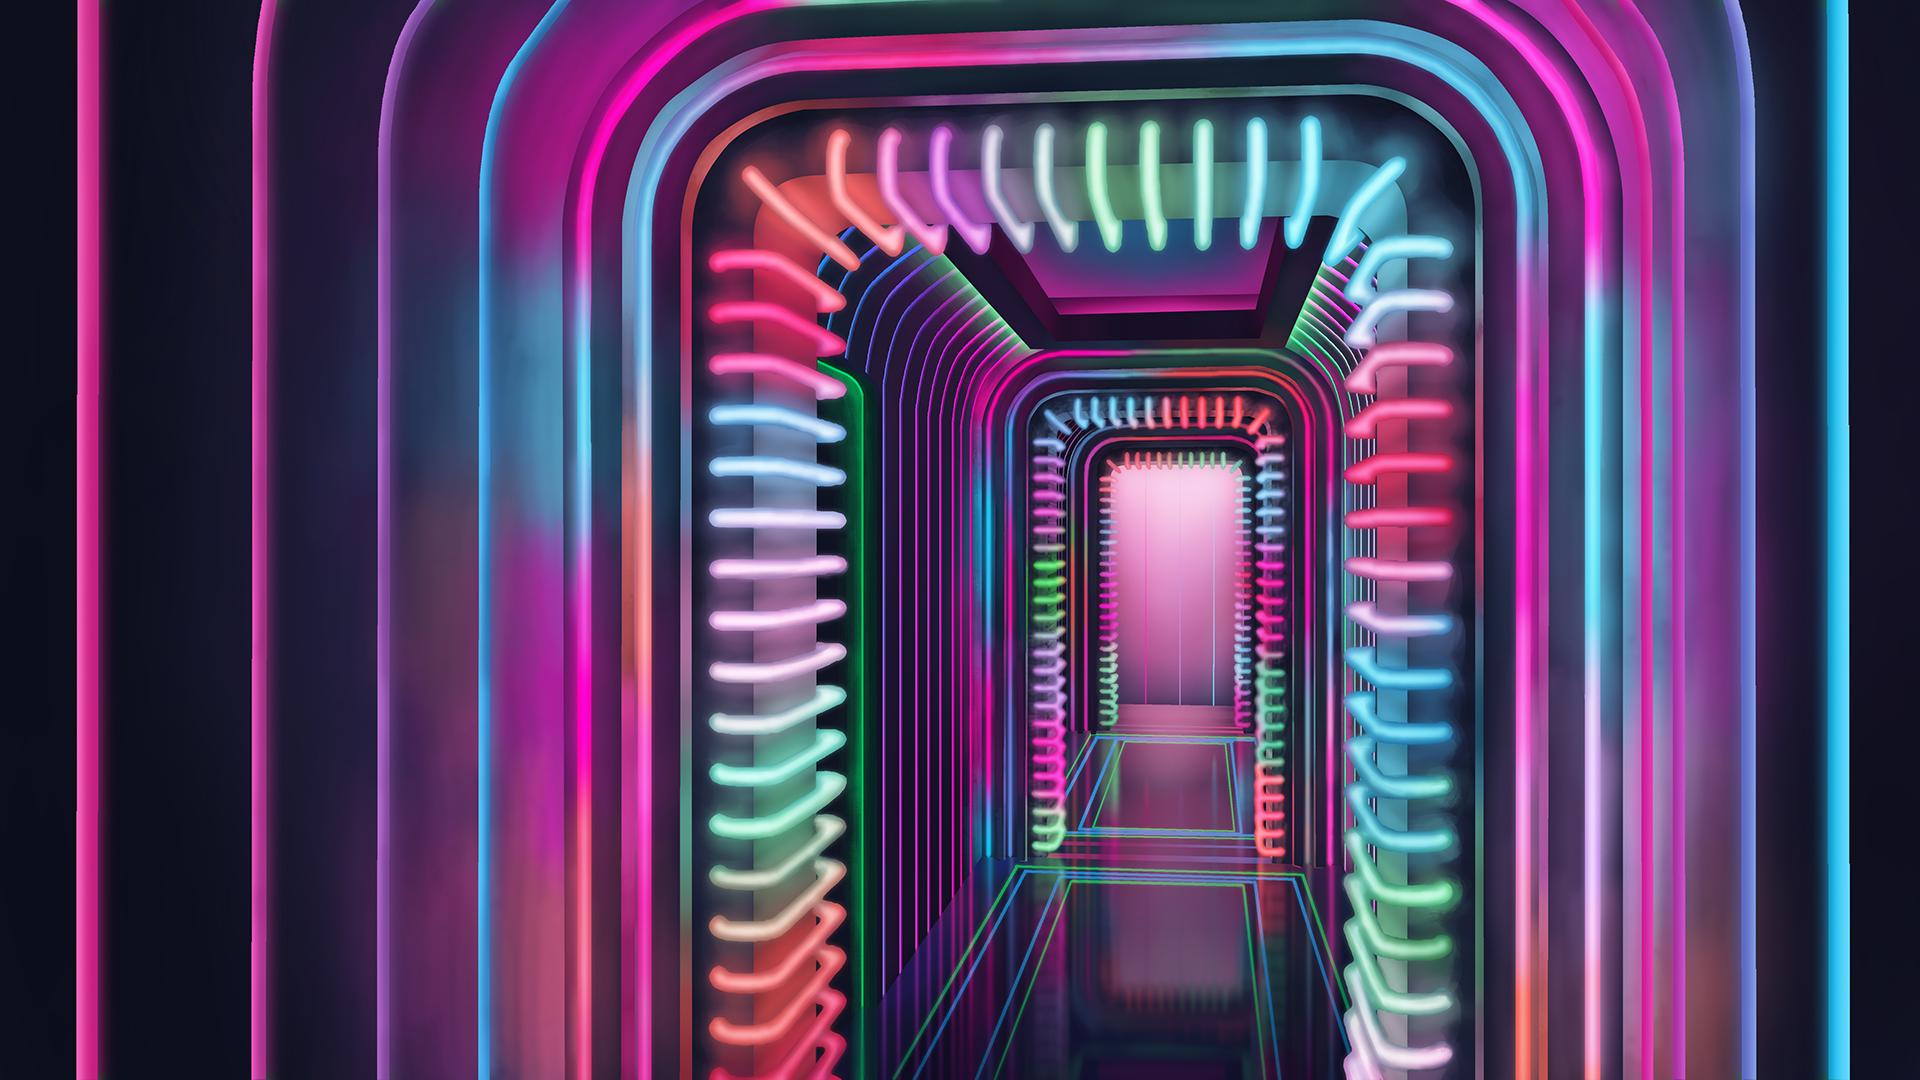 Neon Hallway by Benjamin-the-Fox